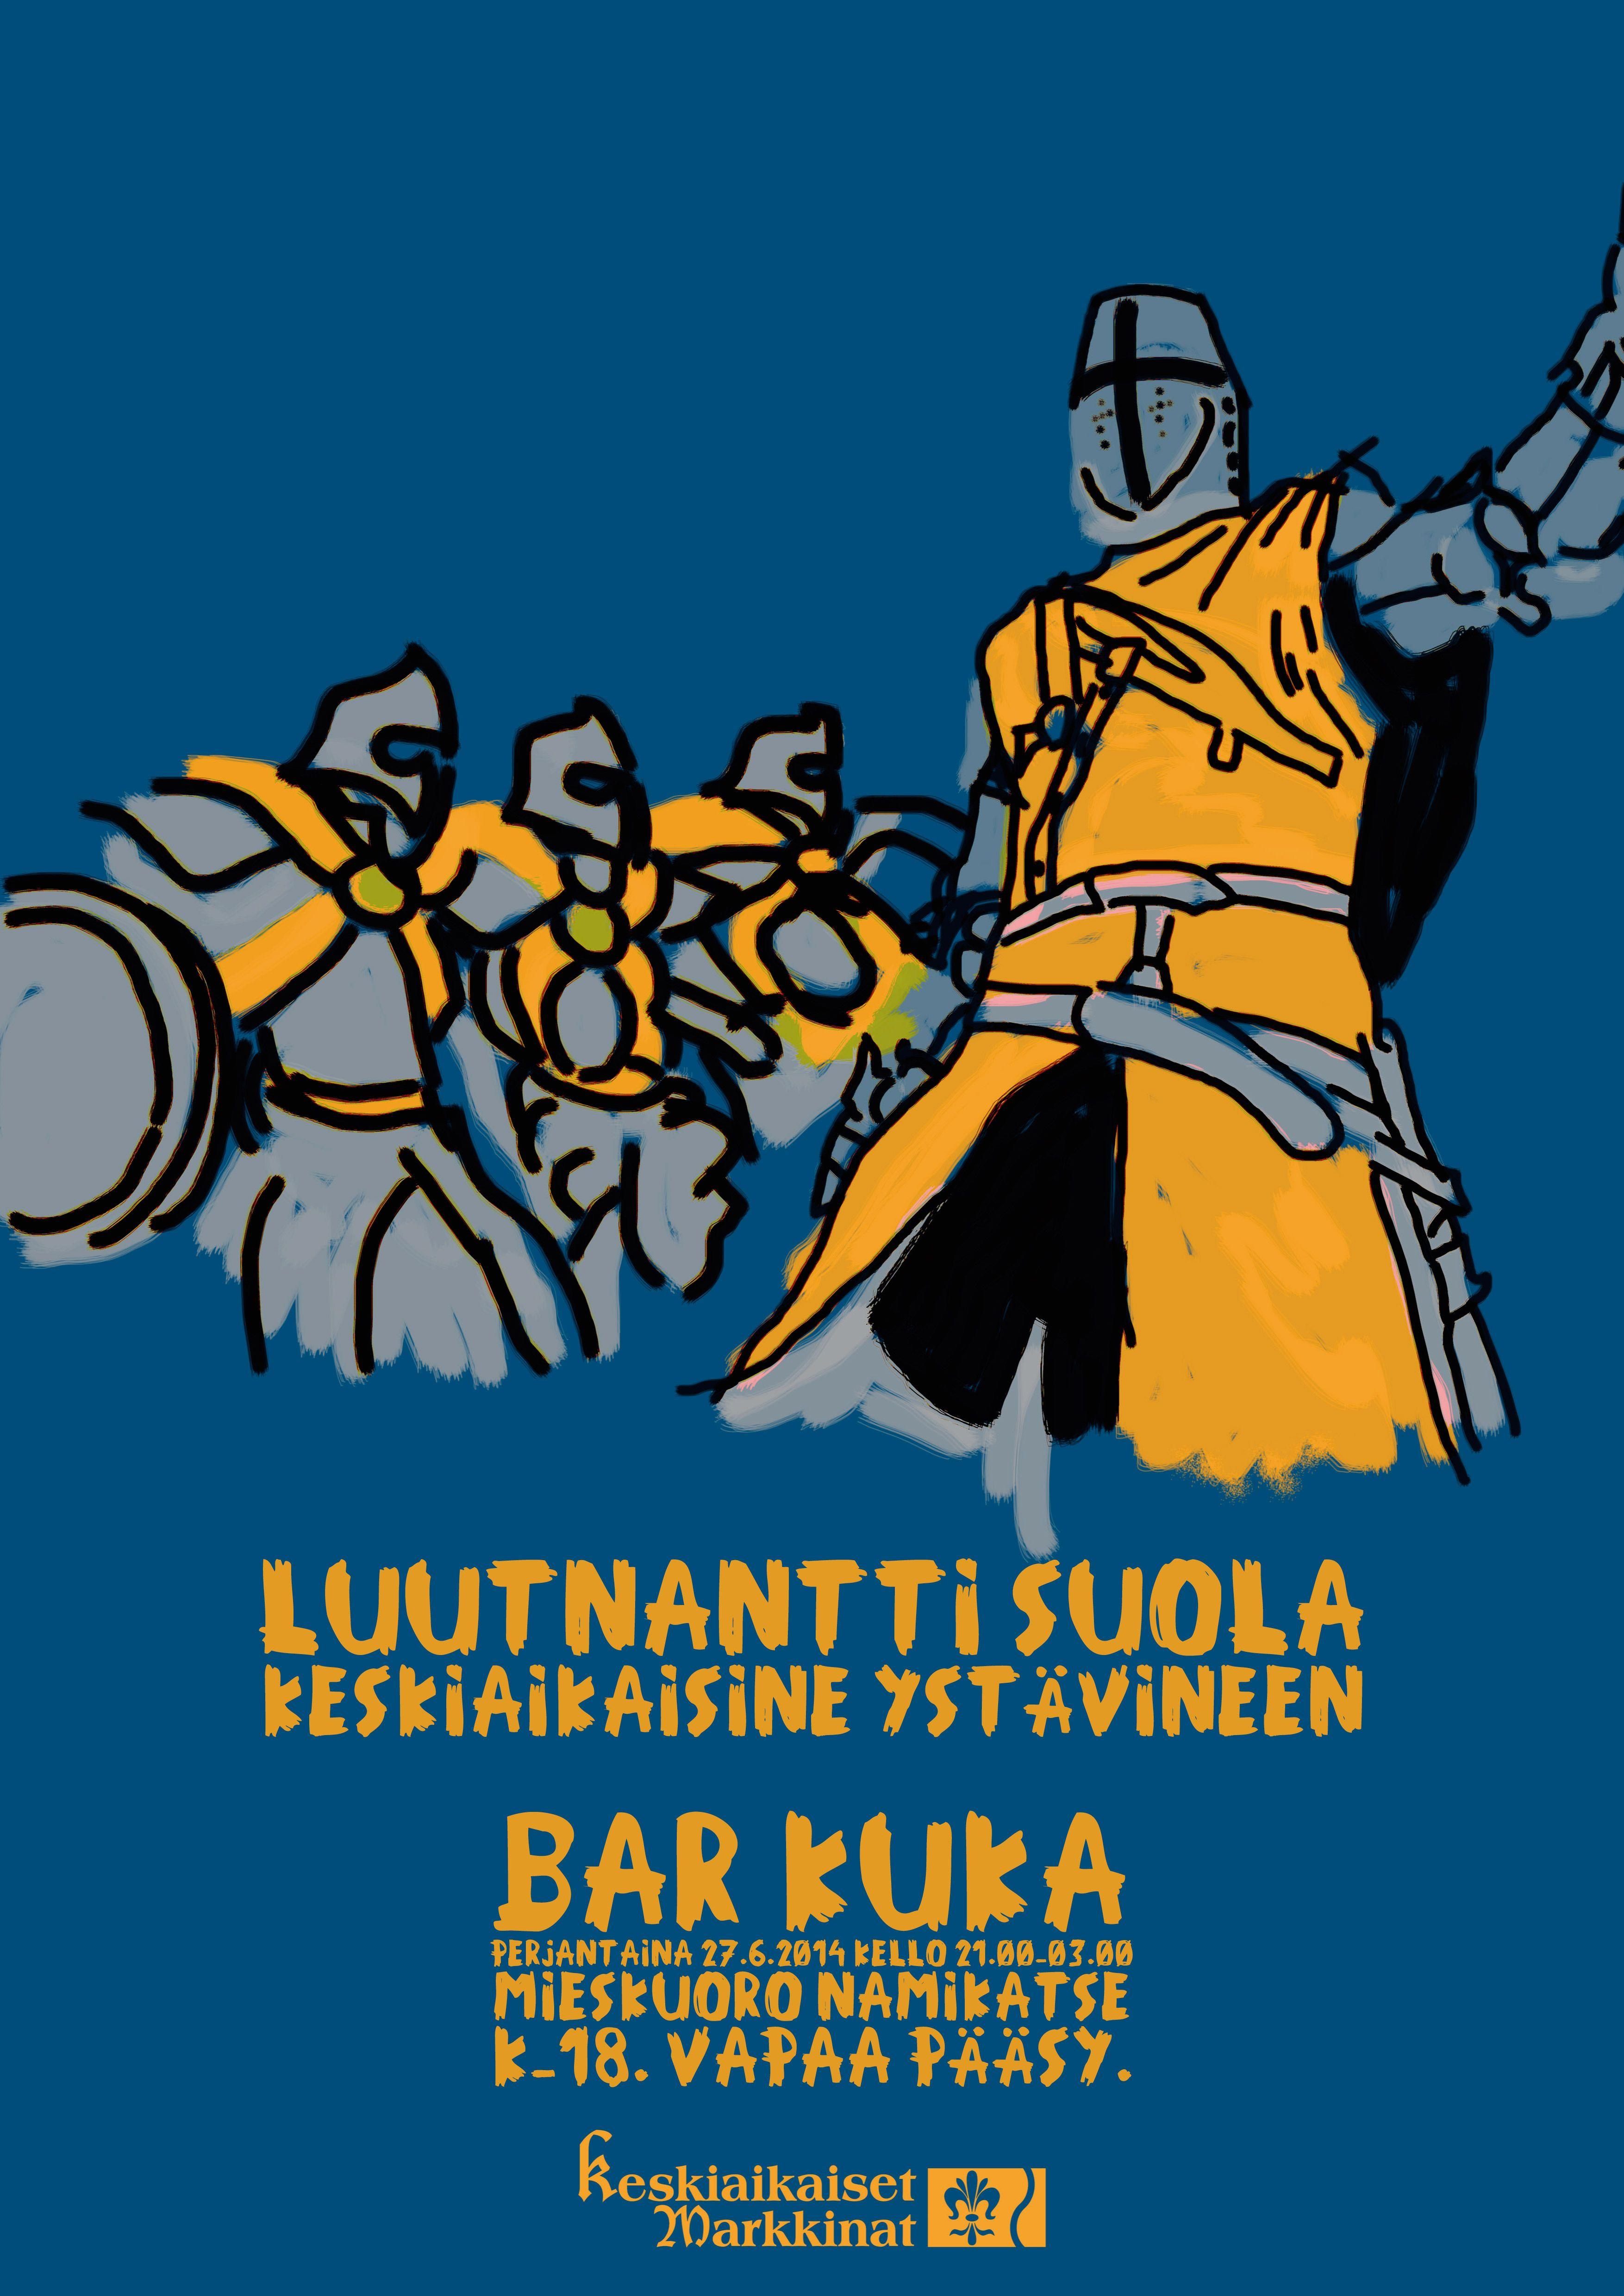 Luutnantti Suola keskiaikaisine ystävineen 2014